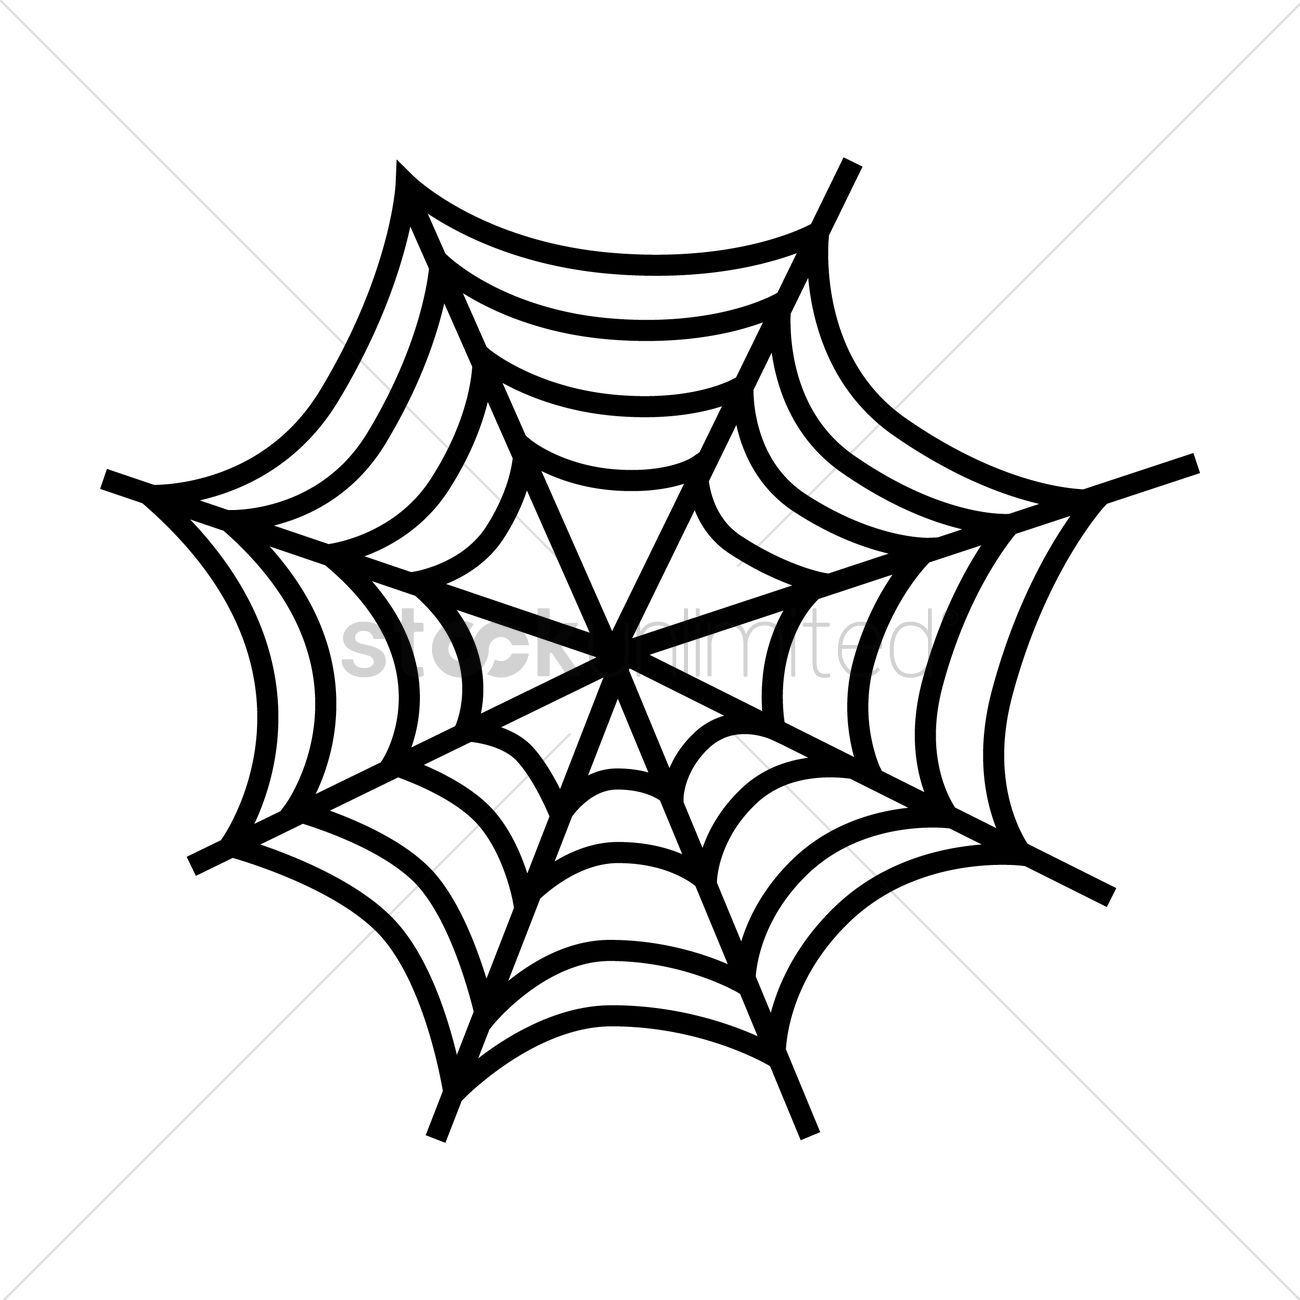 1300x1300 Silhouette Of A Cobweb Vector Image